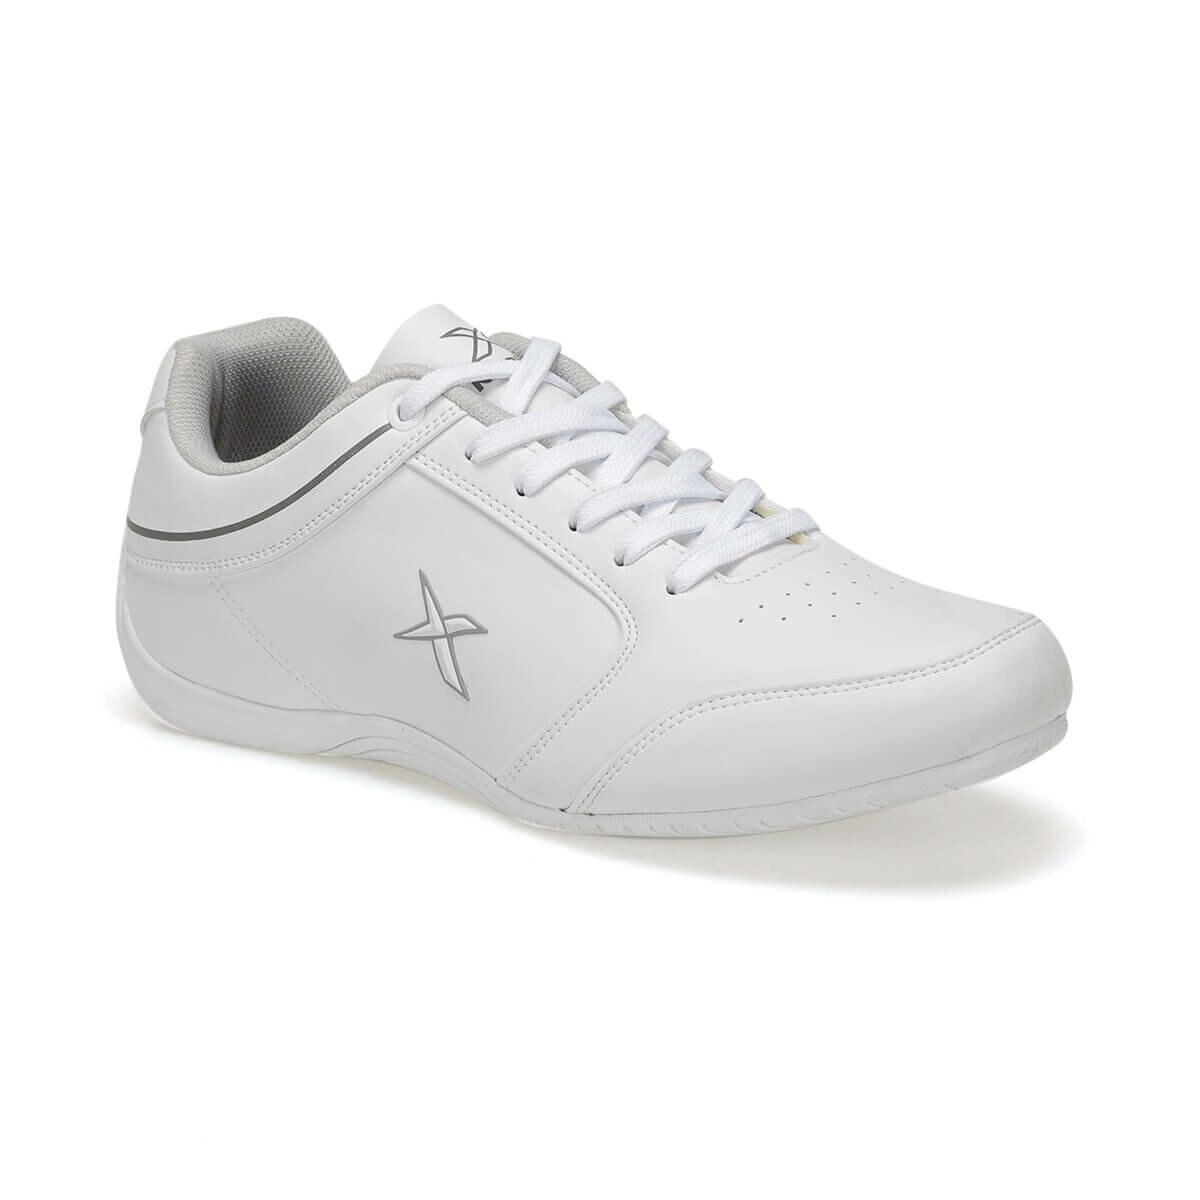 FLO Hommes Baskets Blanc Noir décontracté Sport Confortable Mode Durable Hommes chaussures Мужские кроссовки RONY M 9PR KINETIX